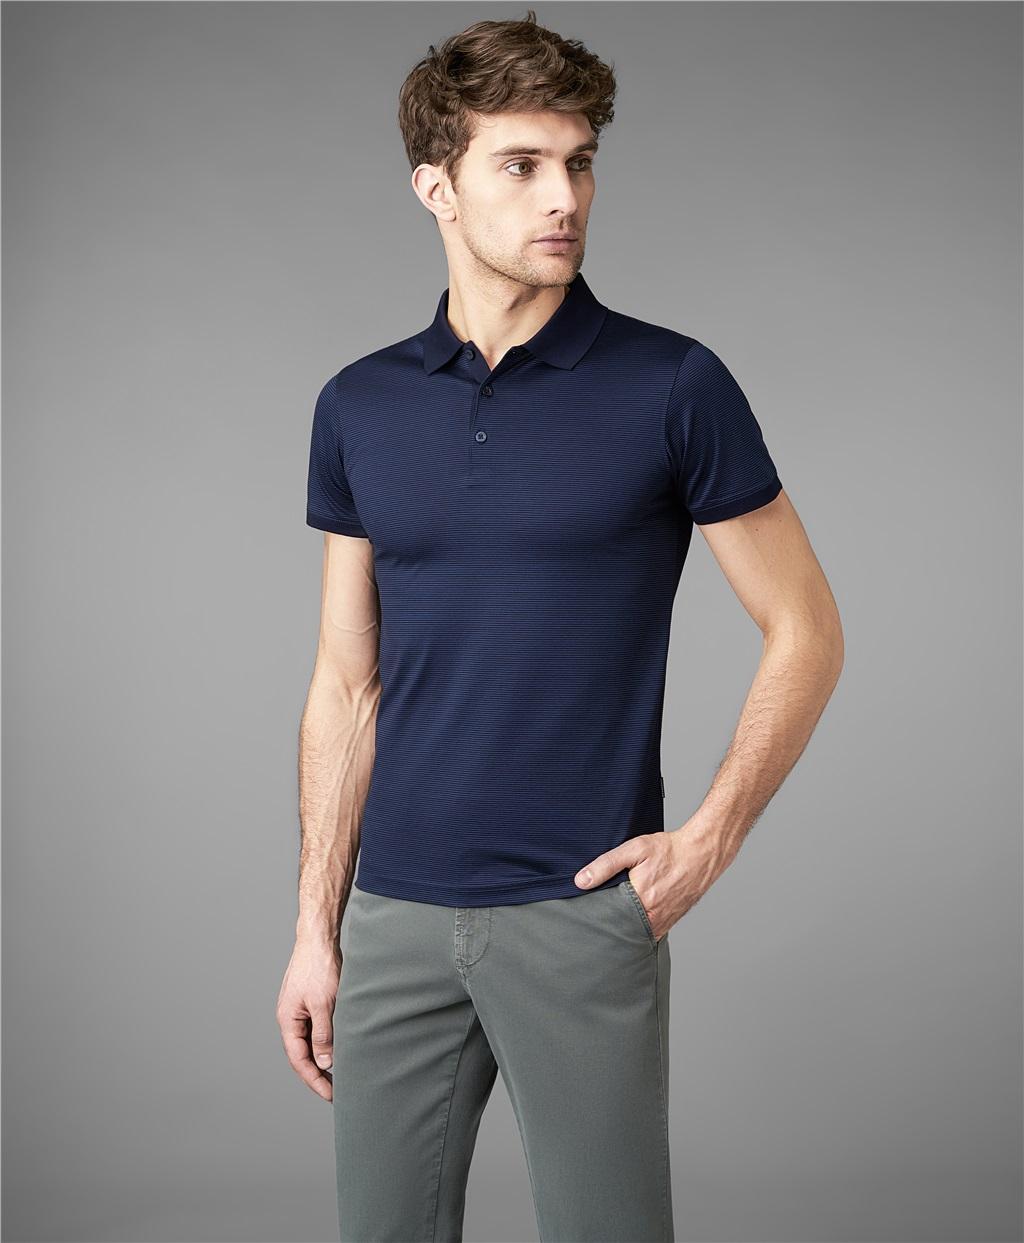 Рубашка поло HENDERSON HPS-0274 DNAVY фото